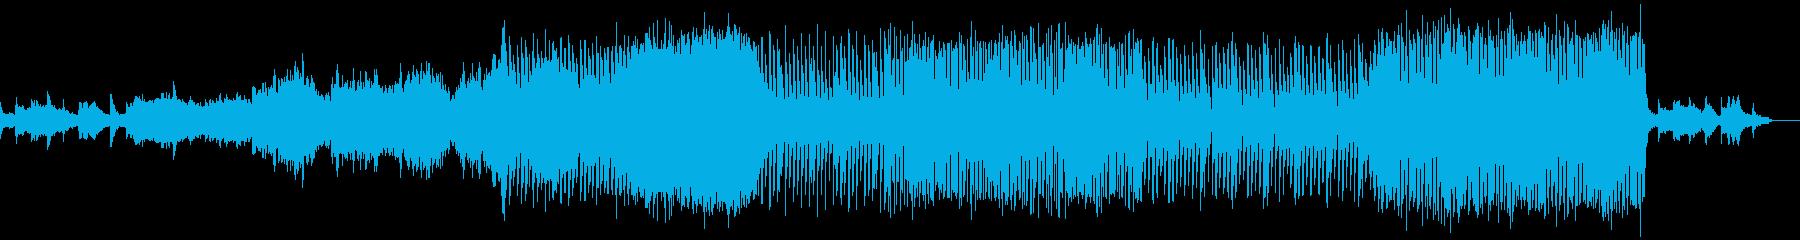 あまり頑張らない前向きな曲の再生済みの波形